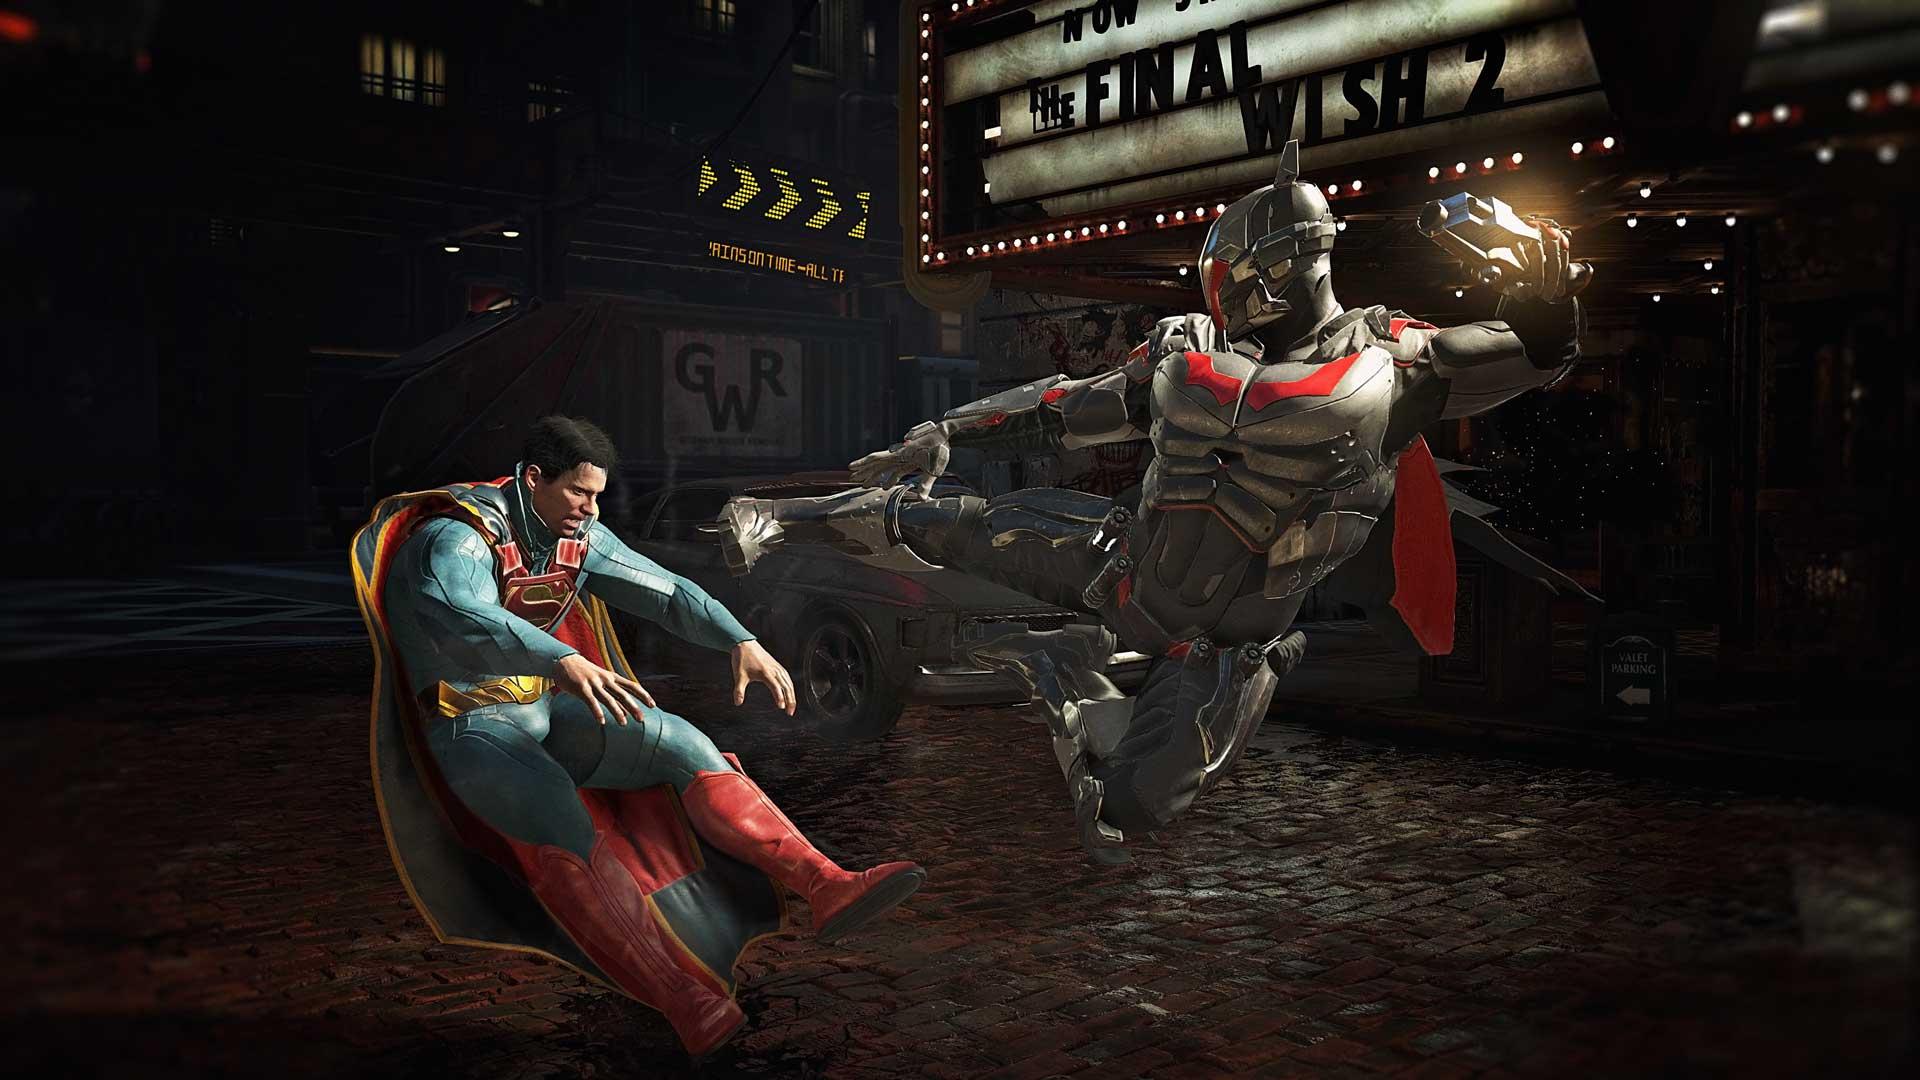 Скриншот №3 к Комплект Ultimate-издание MK11 + Injustice 2 - лег. издание